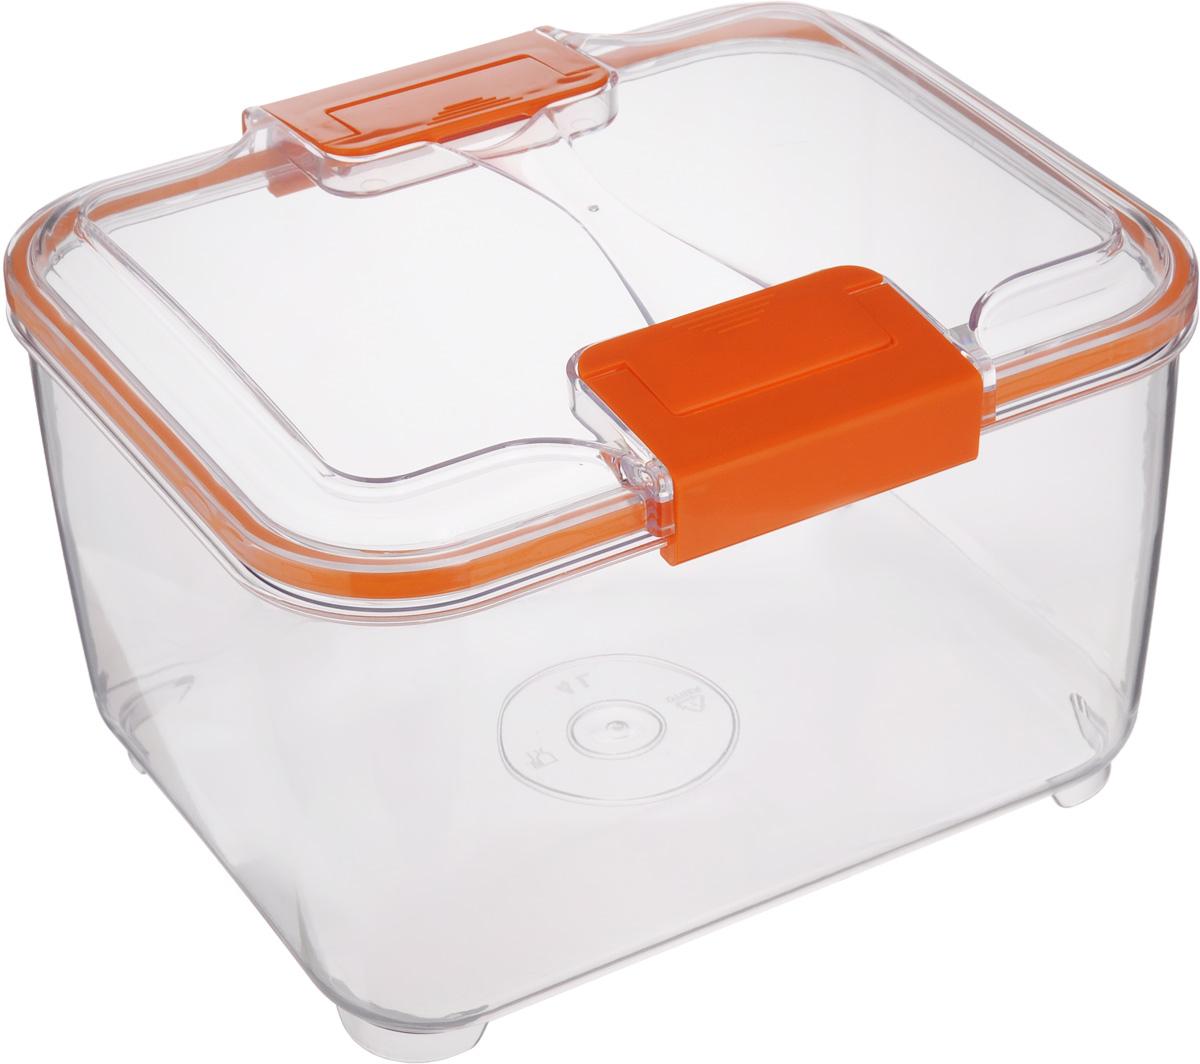 Контейнер Status, цвет: прозрачный, оранжевый, 4 л4630003364517Пищевой контейнер Status изготовлен из высококачественного пищевого пластика. Контейнер безопасен для здоровья, не содержит BPA. Изделие имеет прямоугольную форму и оснащено плотно закрывающейся крышкой. Прозрачные стенки позволяют видеть содержимое. Контейнер закрывается при помощи двух защелок.Можно мыть в посудомоечной машине.Контейнер подходит для использования вморозильной камере и СВЧ.